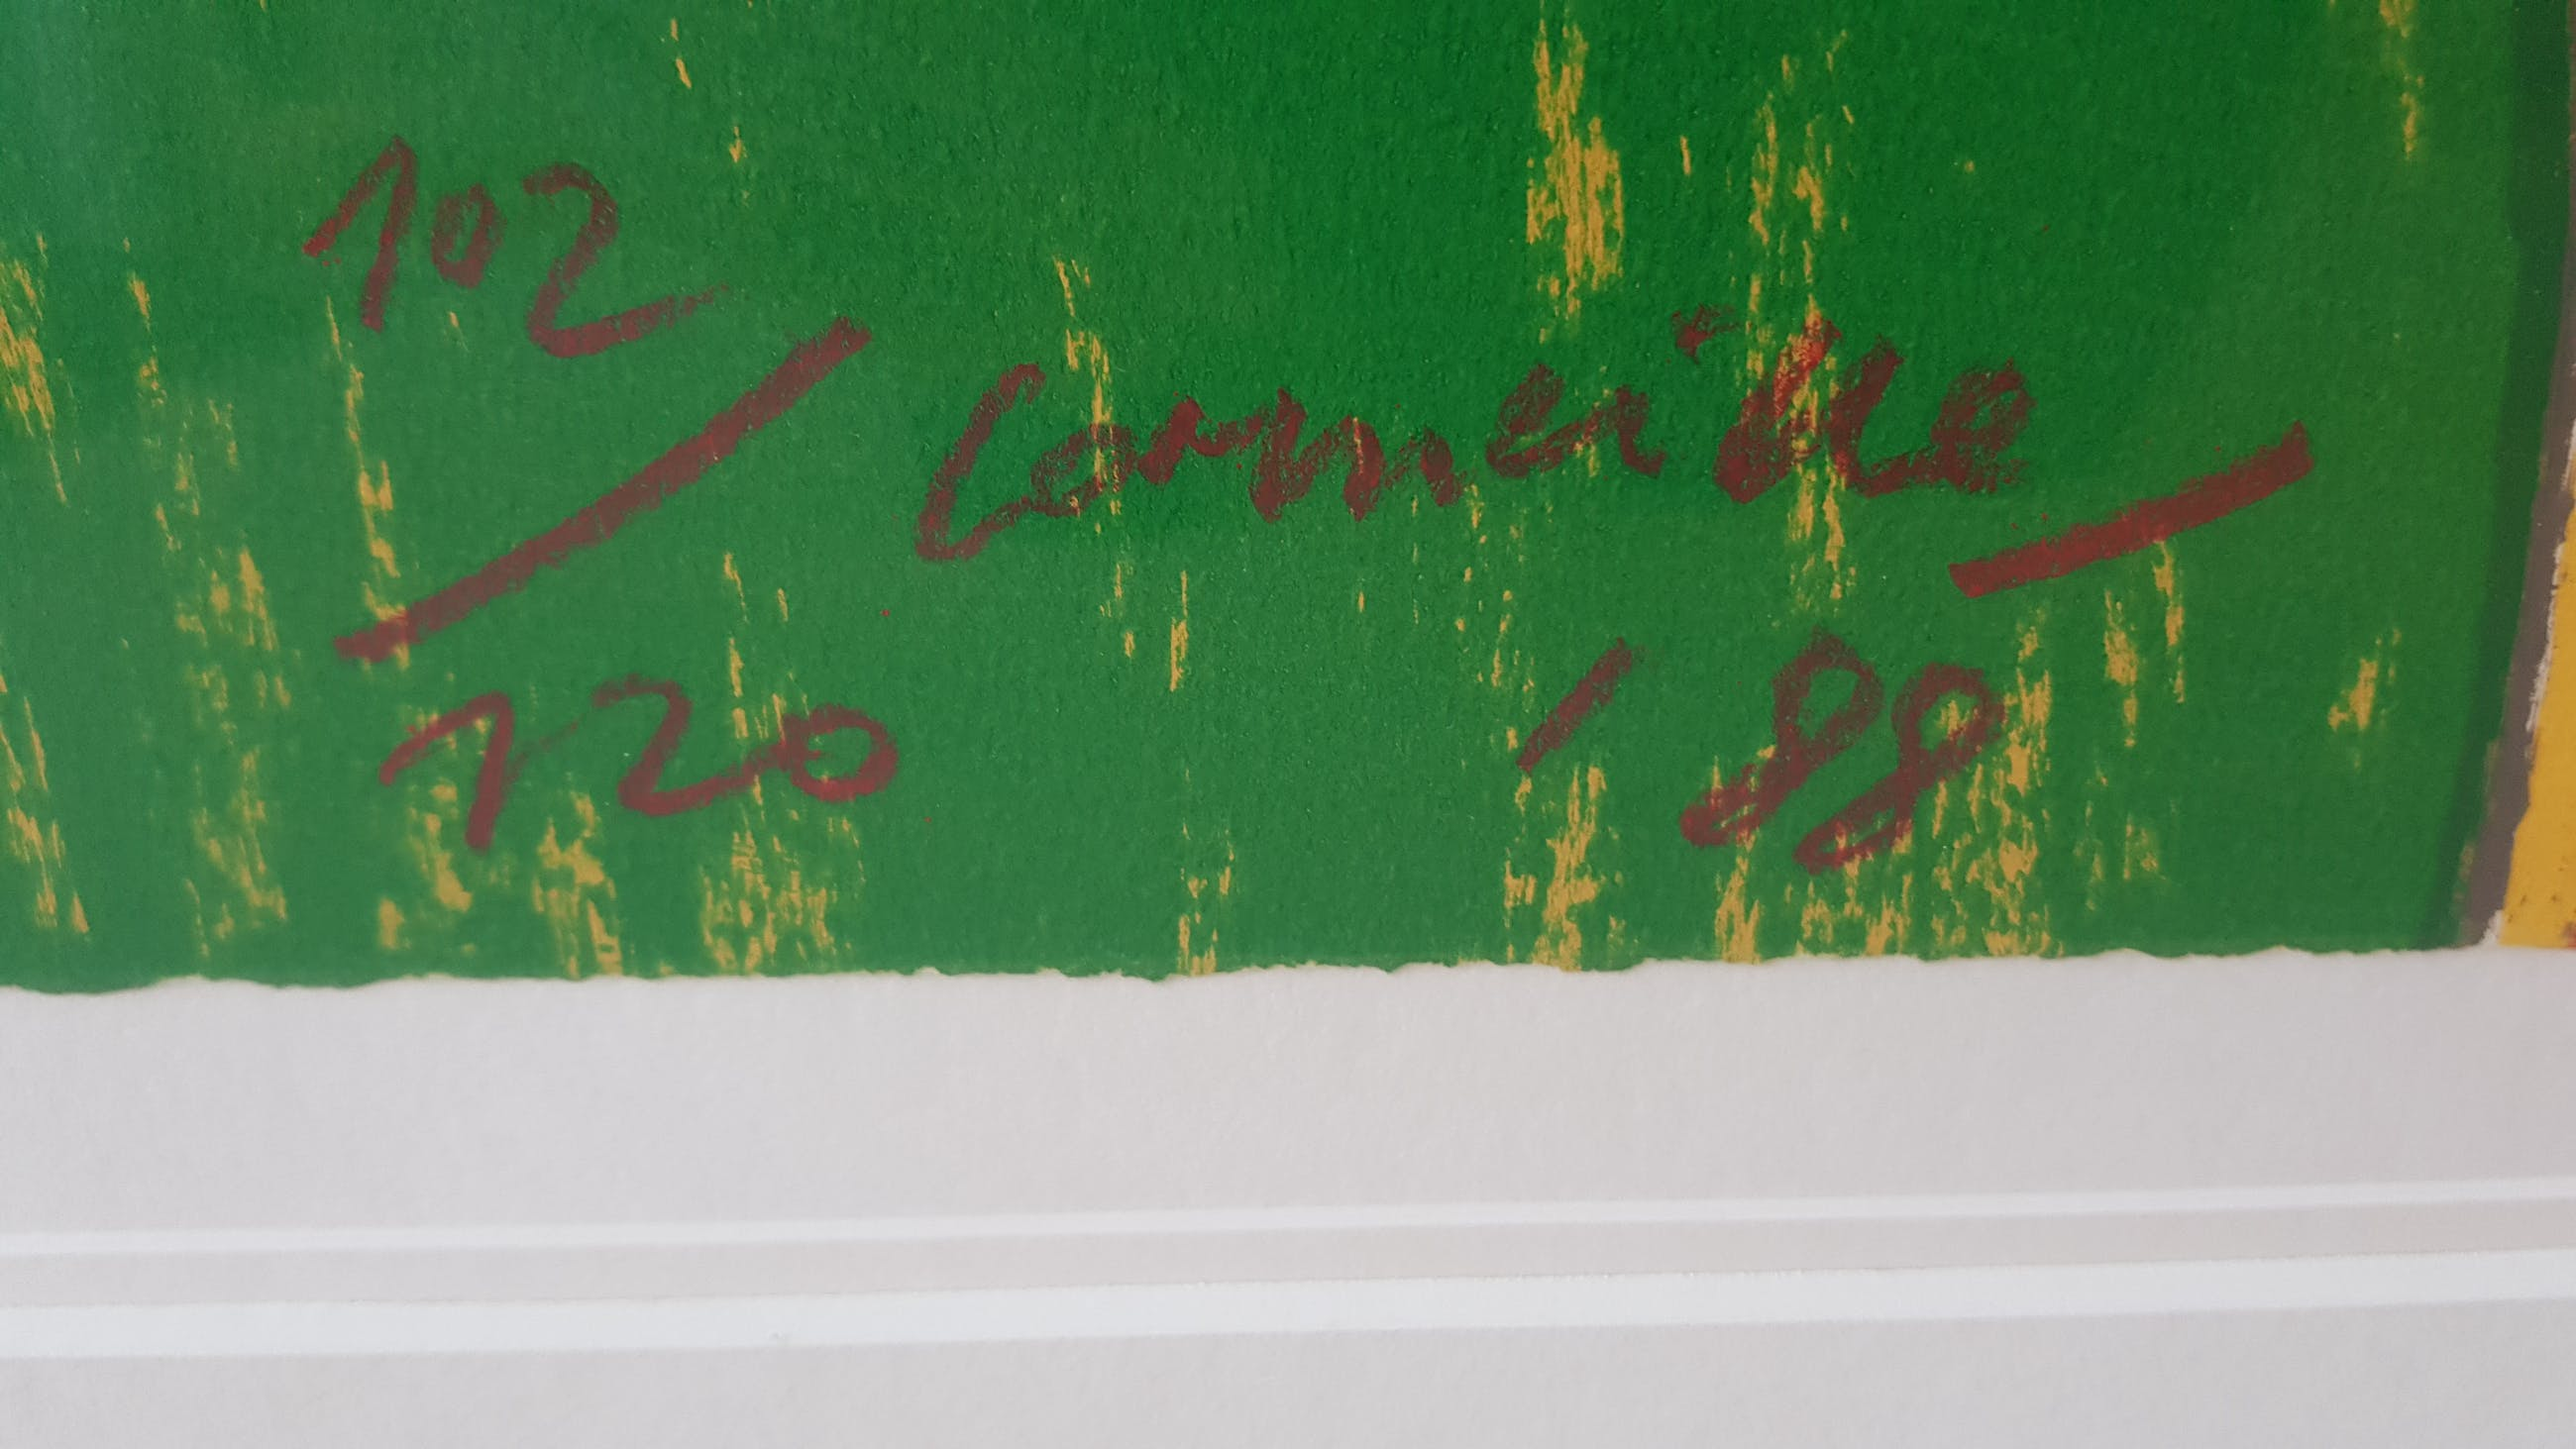 Corneille - carborundum 102/120 (zeer groot en ingelijst), 1988 kopen? Bied vanaf 499!